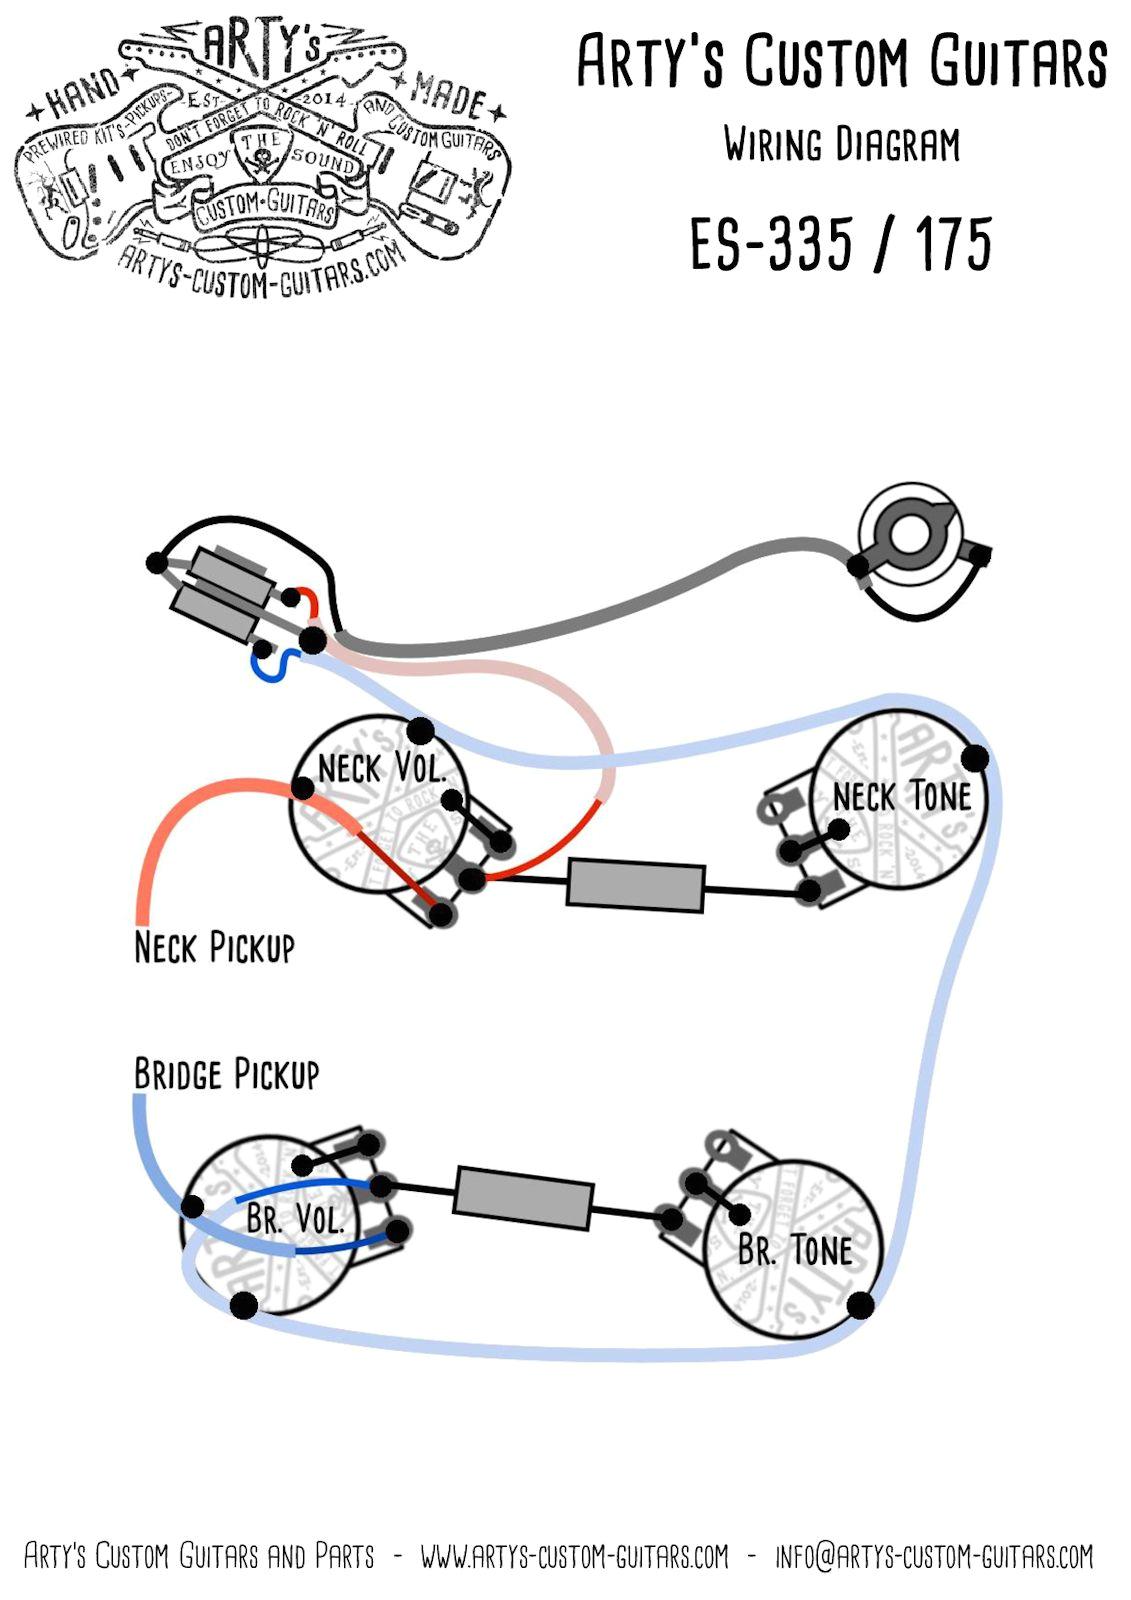 epiphone 335 wiring diagram wiring diagram dat epiphone 335 wiring diagram universal wiring diagram epiphone es